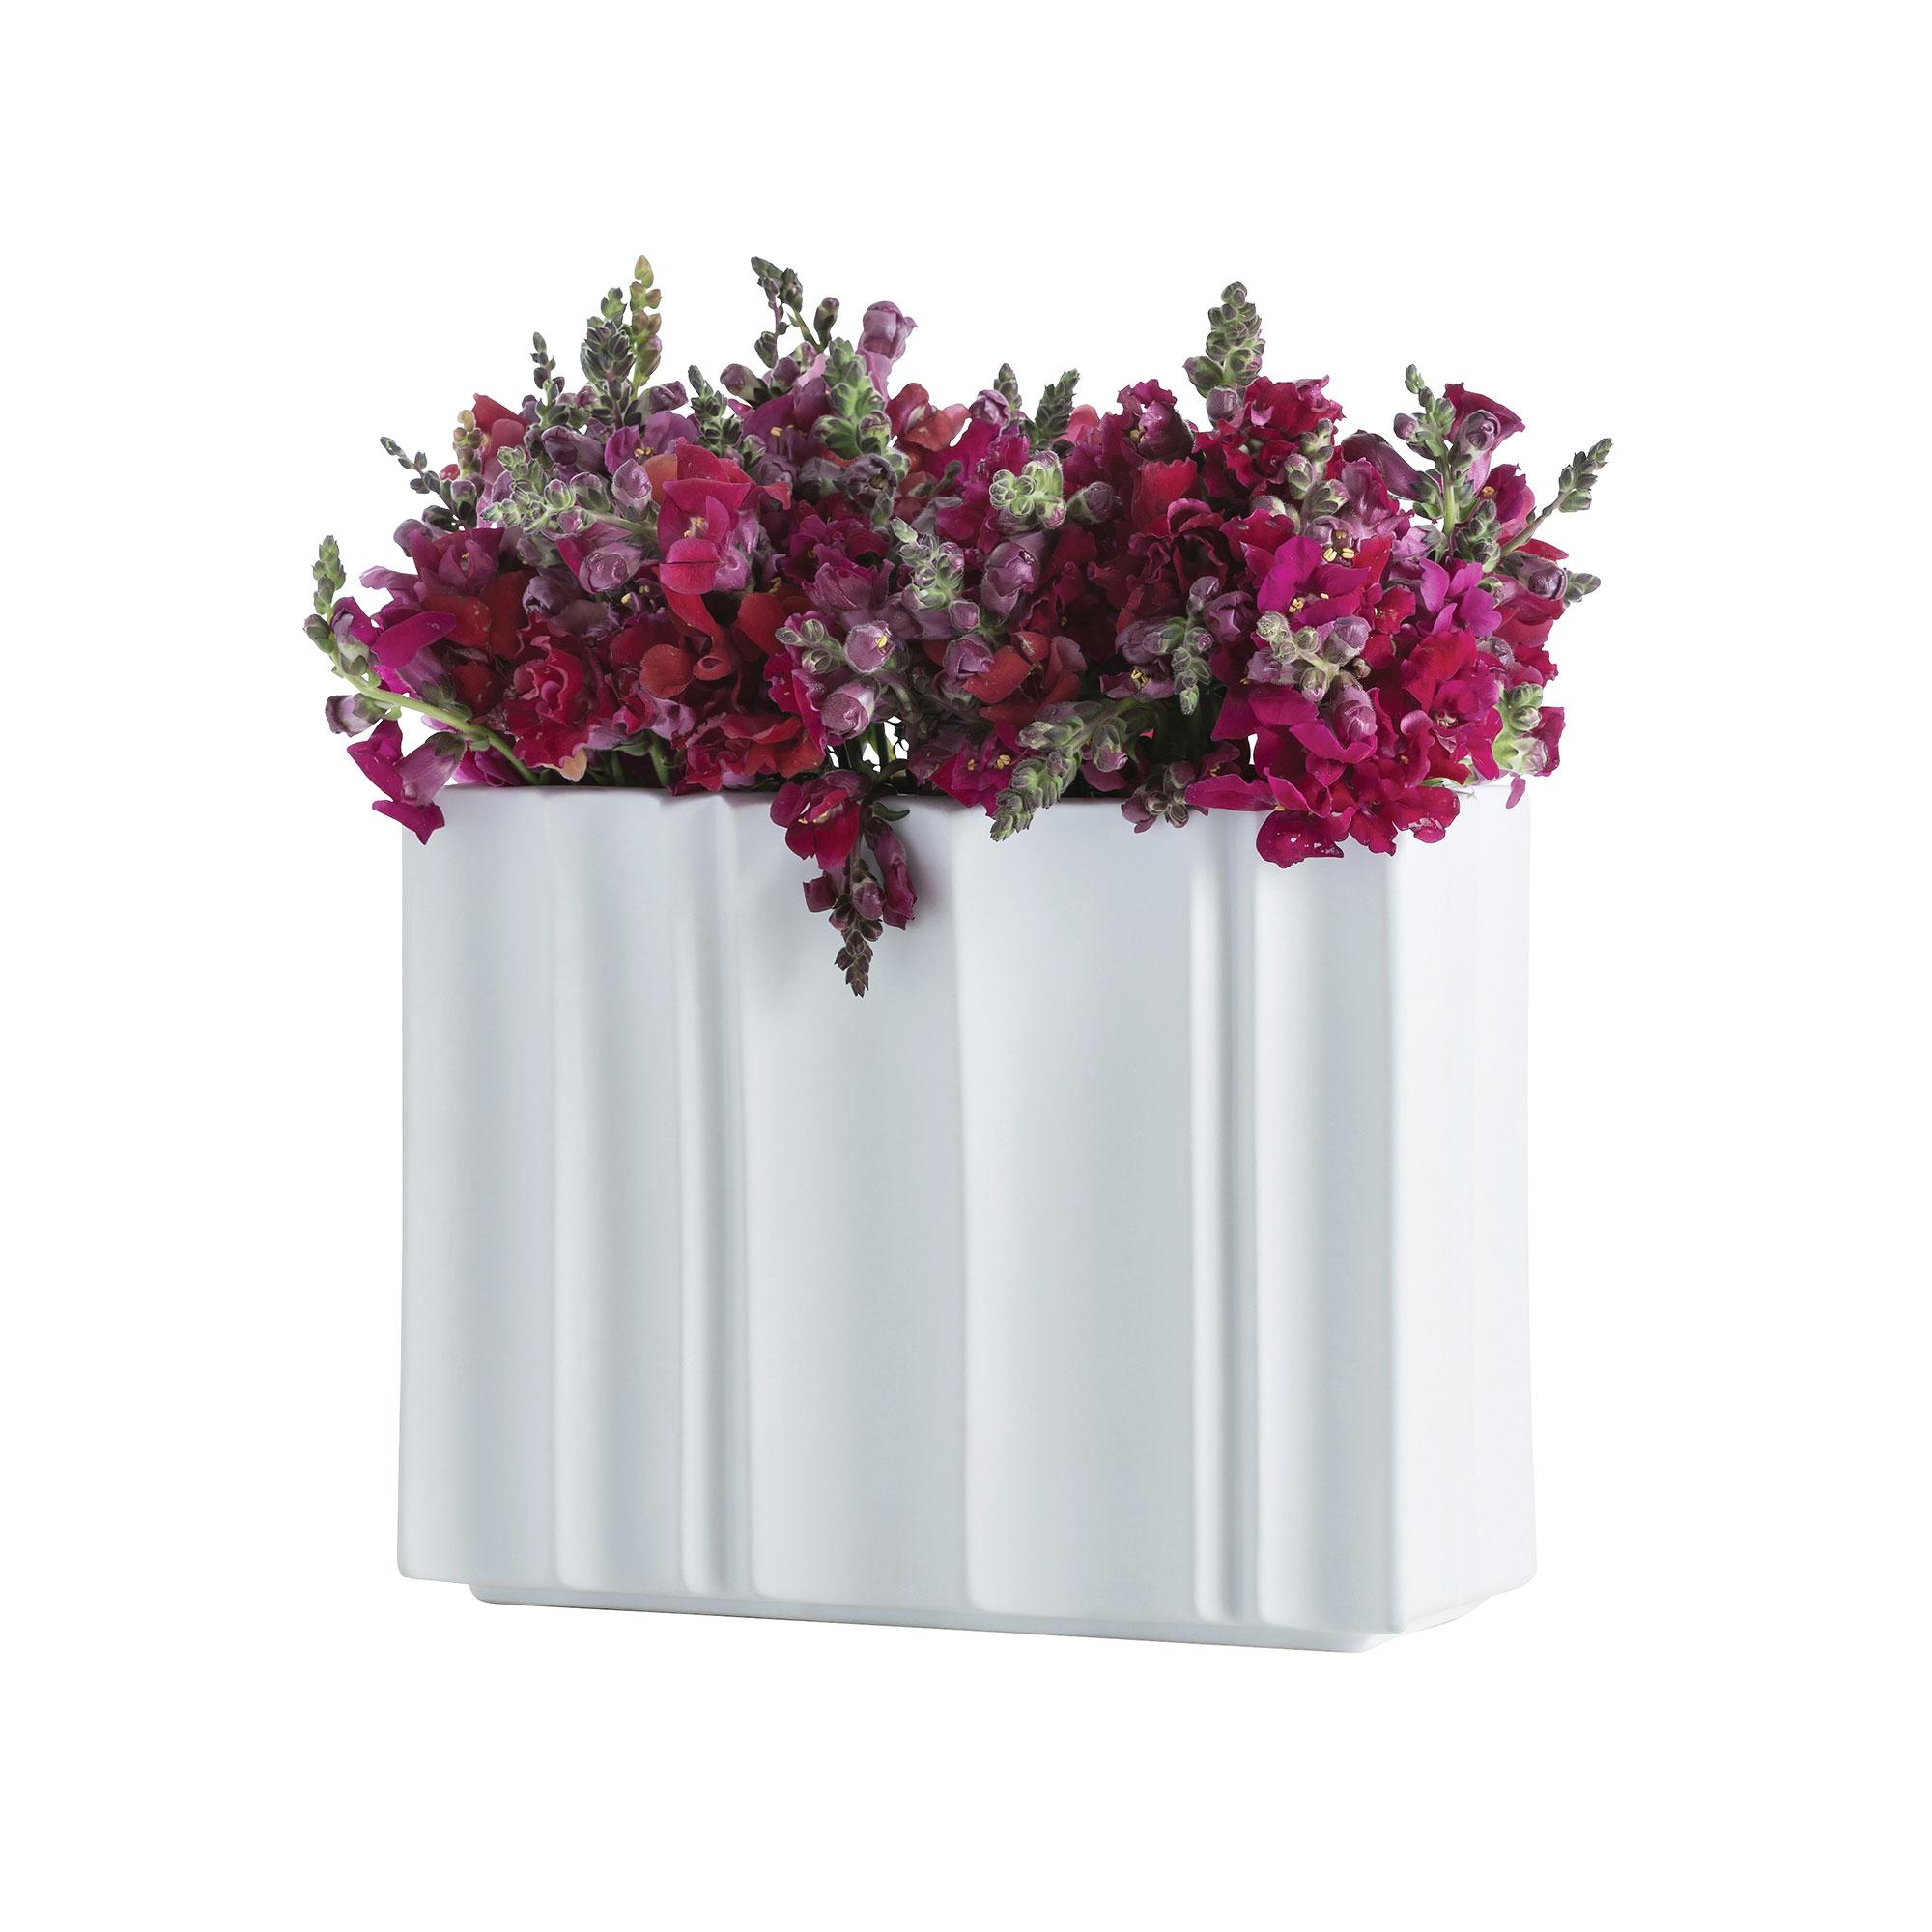 A Jay Jeffers vase